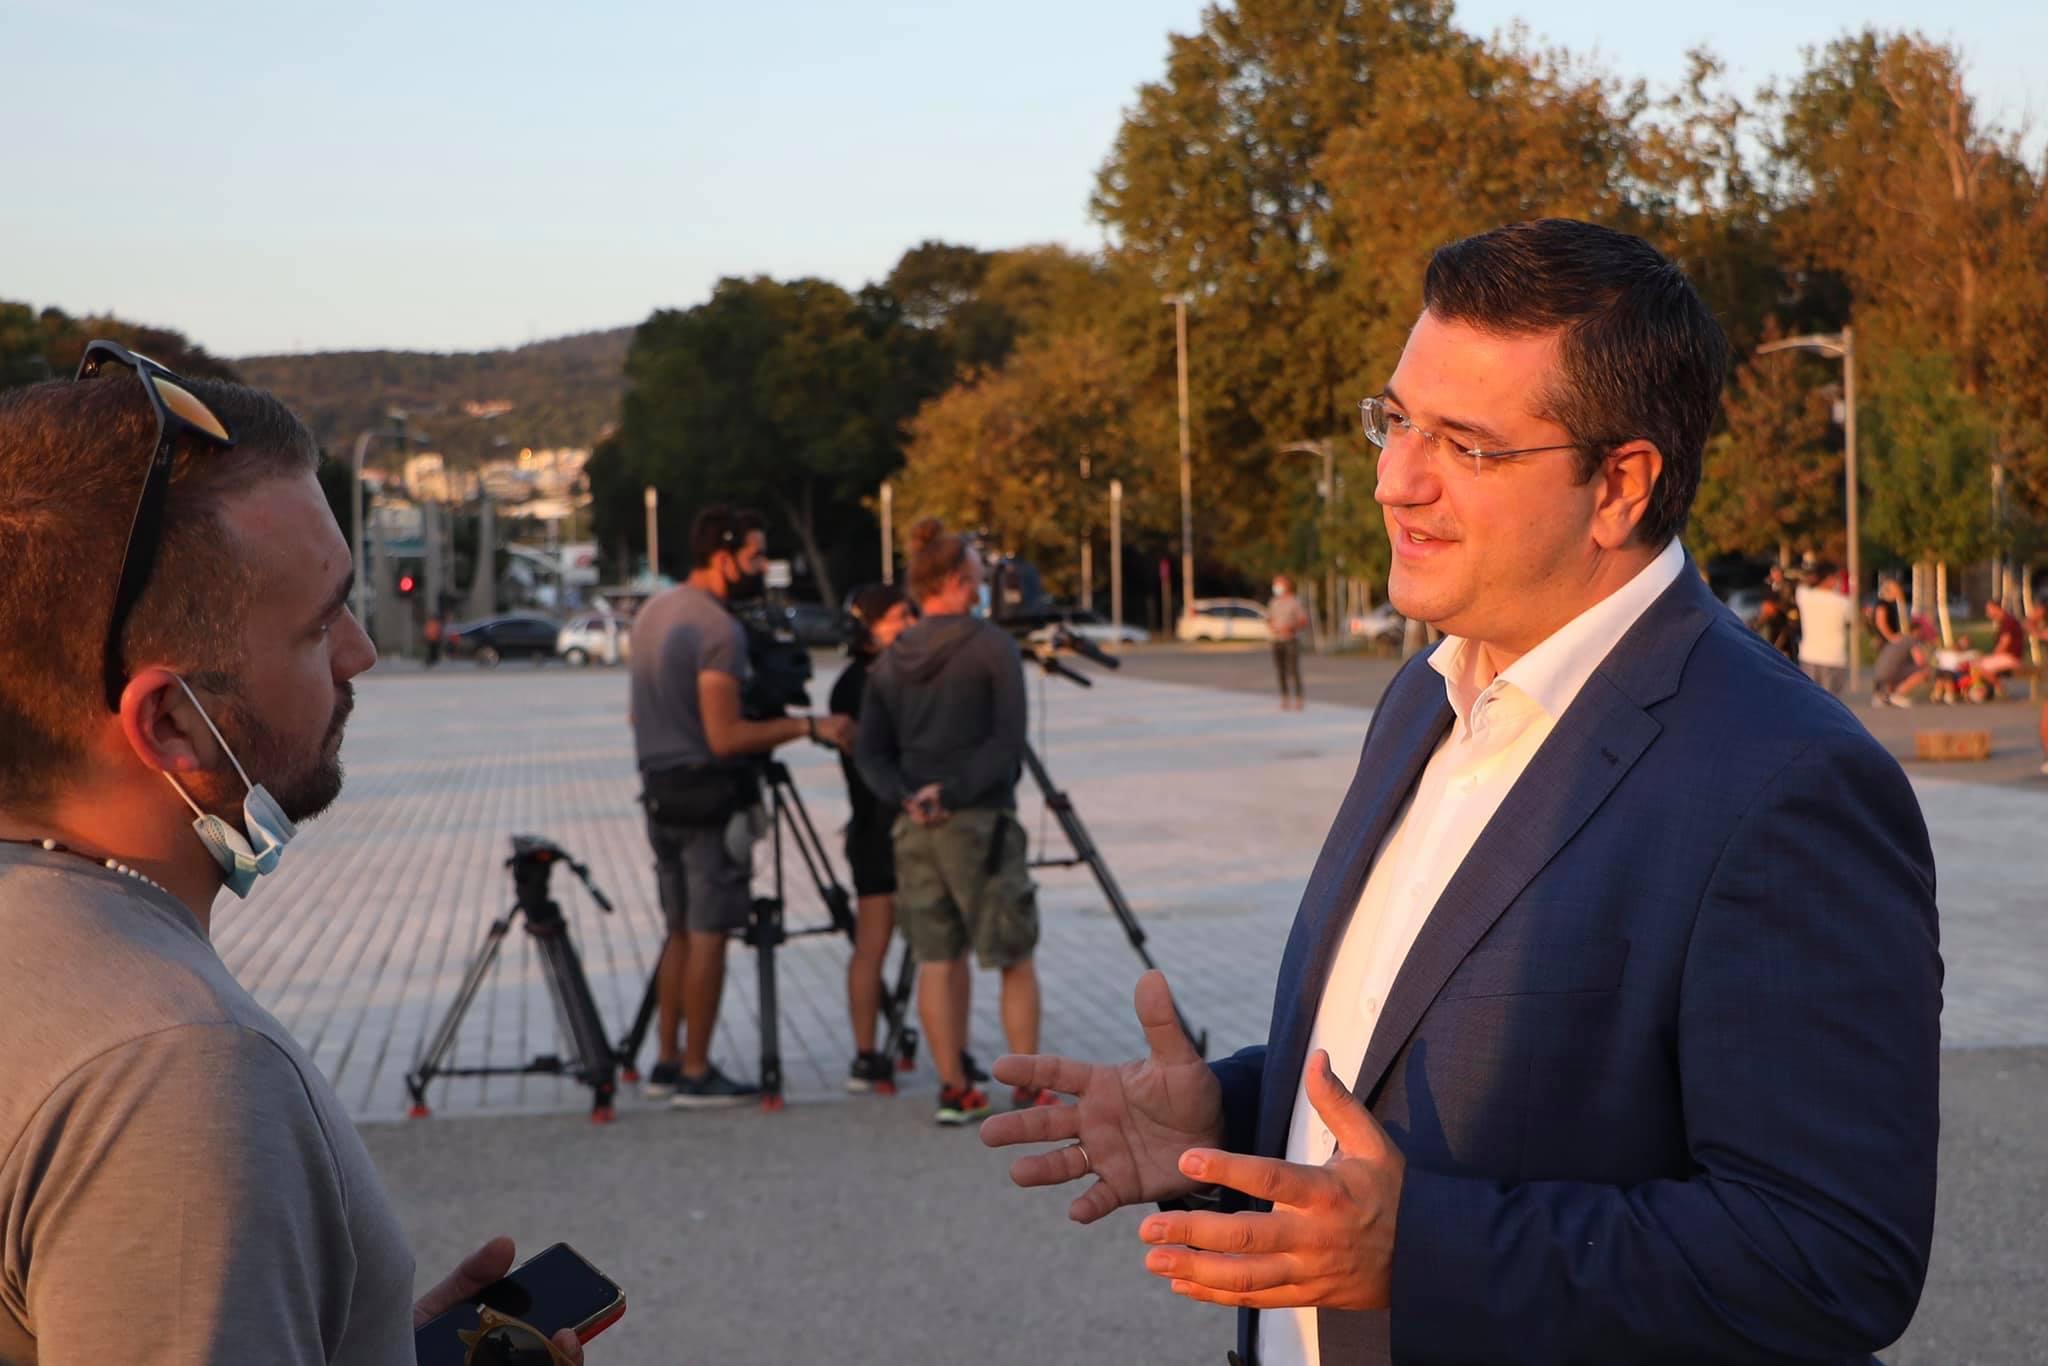 Ο περιφερειάρχης Κεντρικής Μακεδονίας Απόστολος Τζιτζικώστας σε γυρίσματα μεγάλου γαλλοβελγικού τηλεπαιχνιδιού στη Θεσσαλονίκη